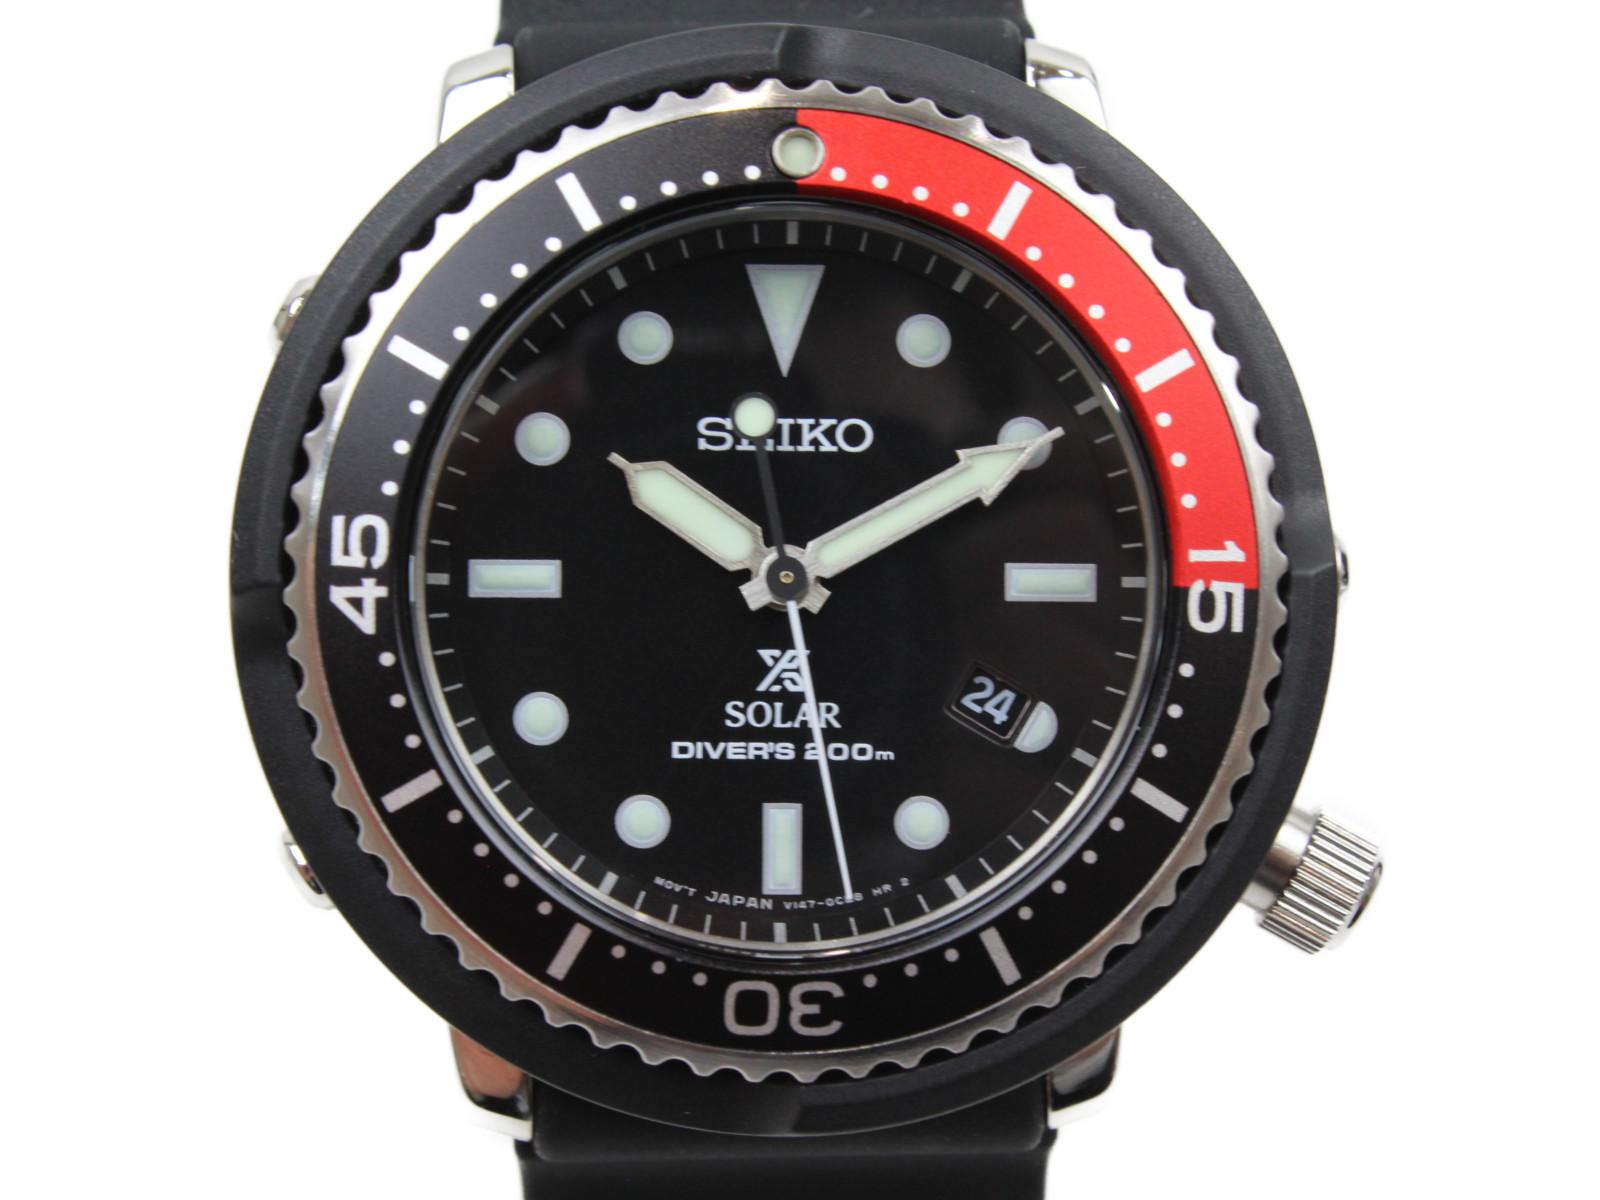 【LOWERCASEプロデュース2000本限定モデル】SEIKO セイコー プロスペック V147-0CC0 ソーラー デイト ラバー ブラック レッド メンズ 腕時計【中古】